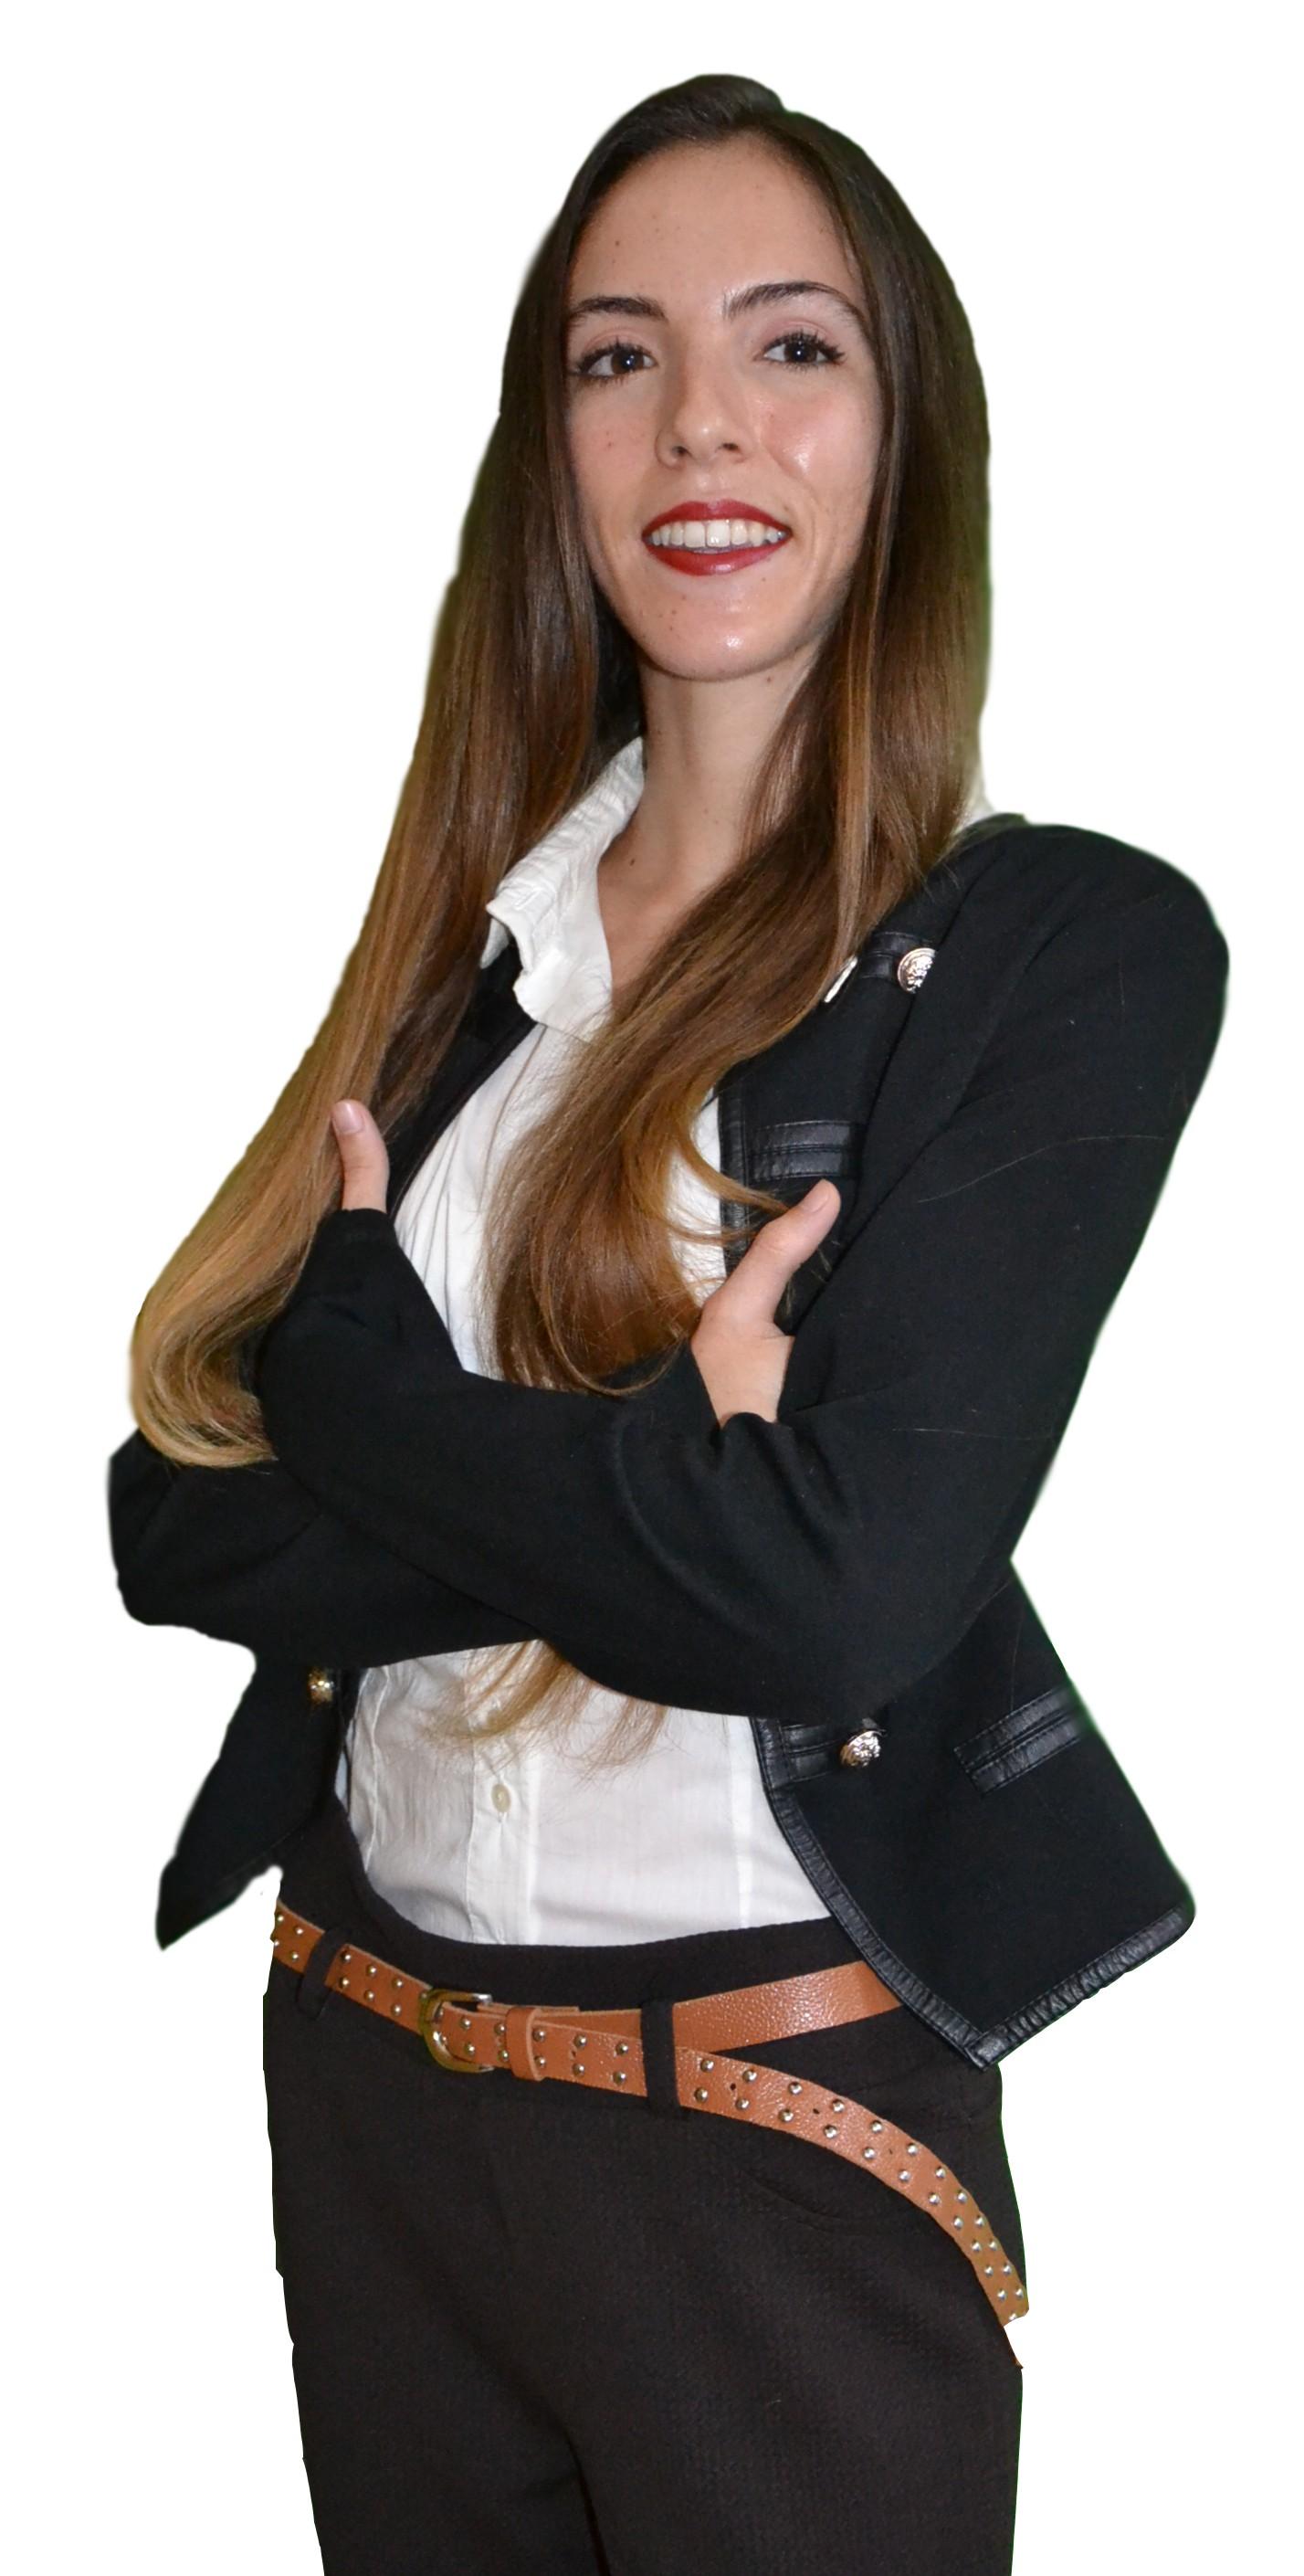 Alicia Montaño Sánchez